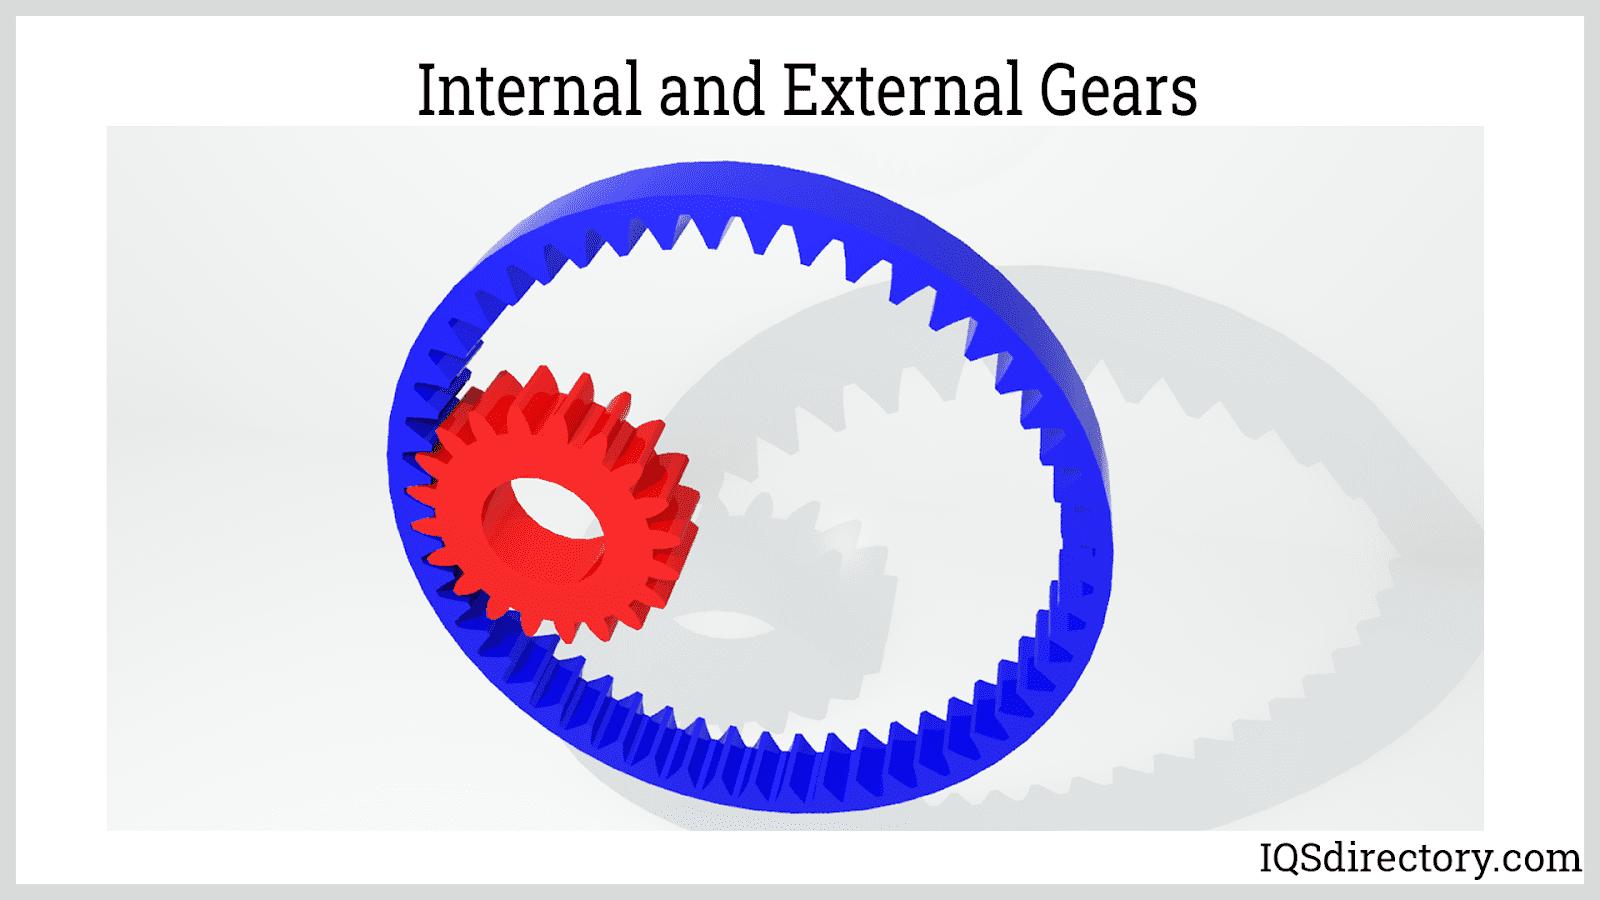 Internal and External Gears